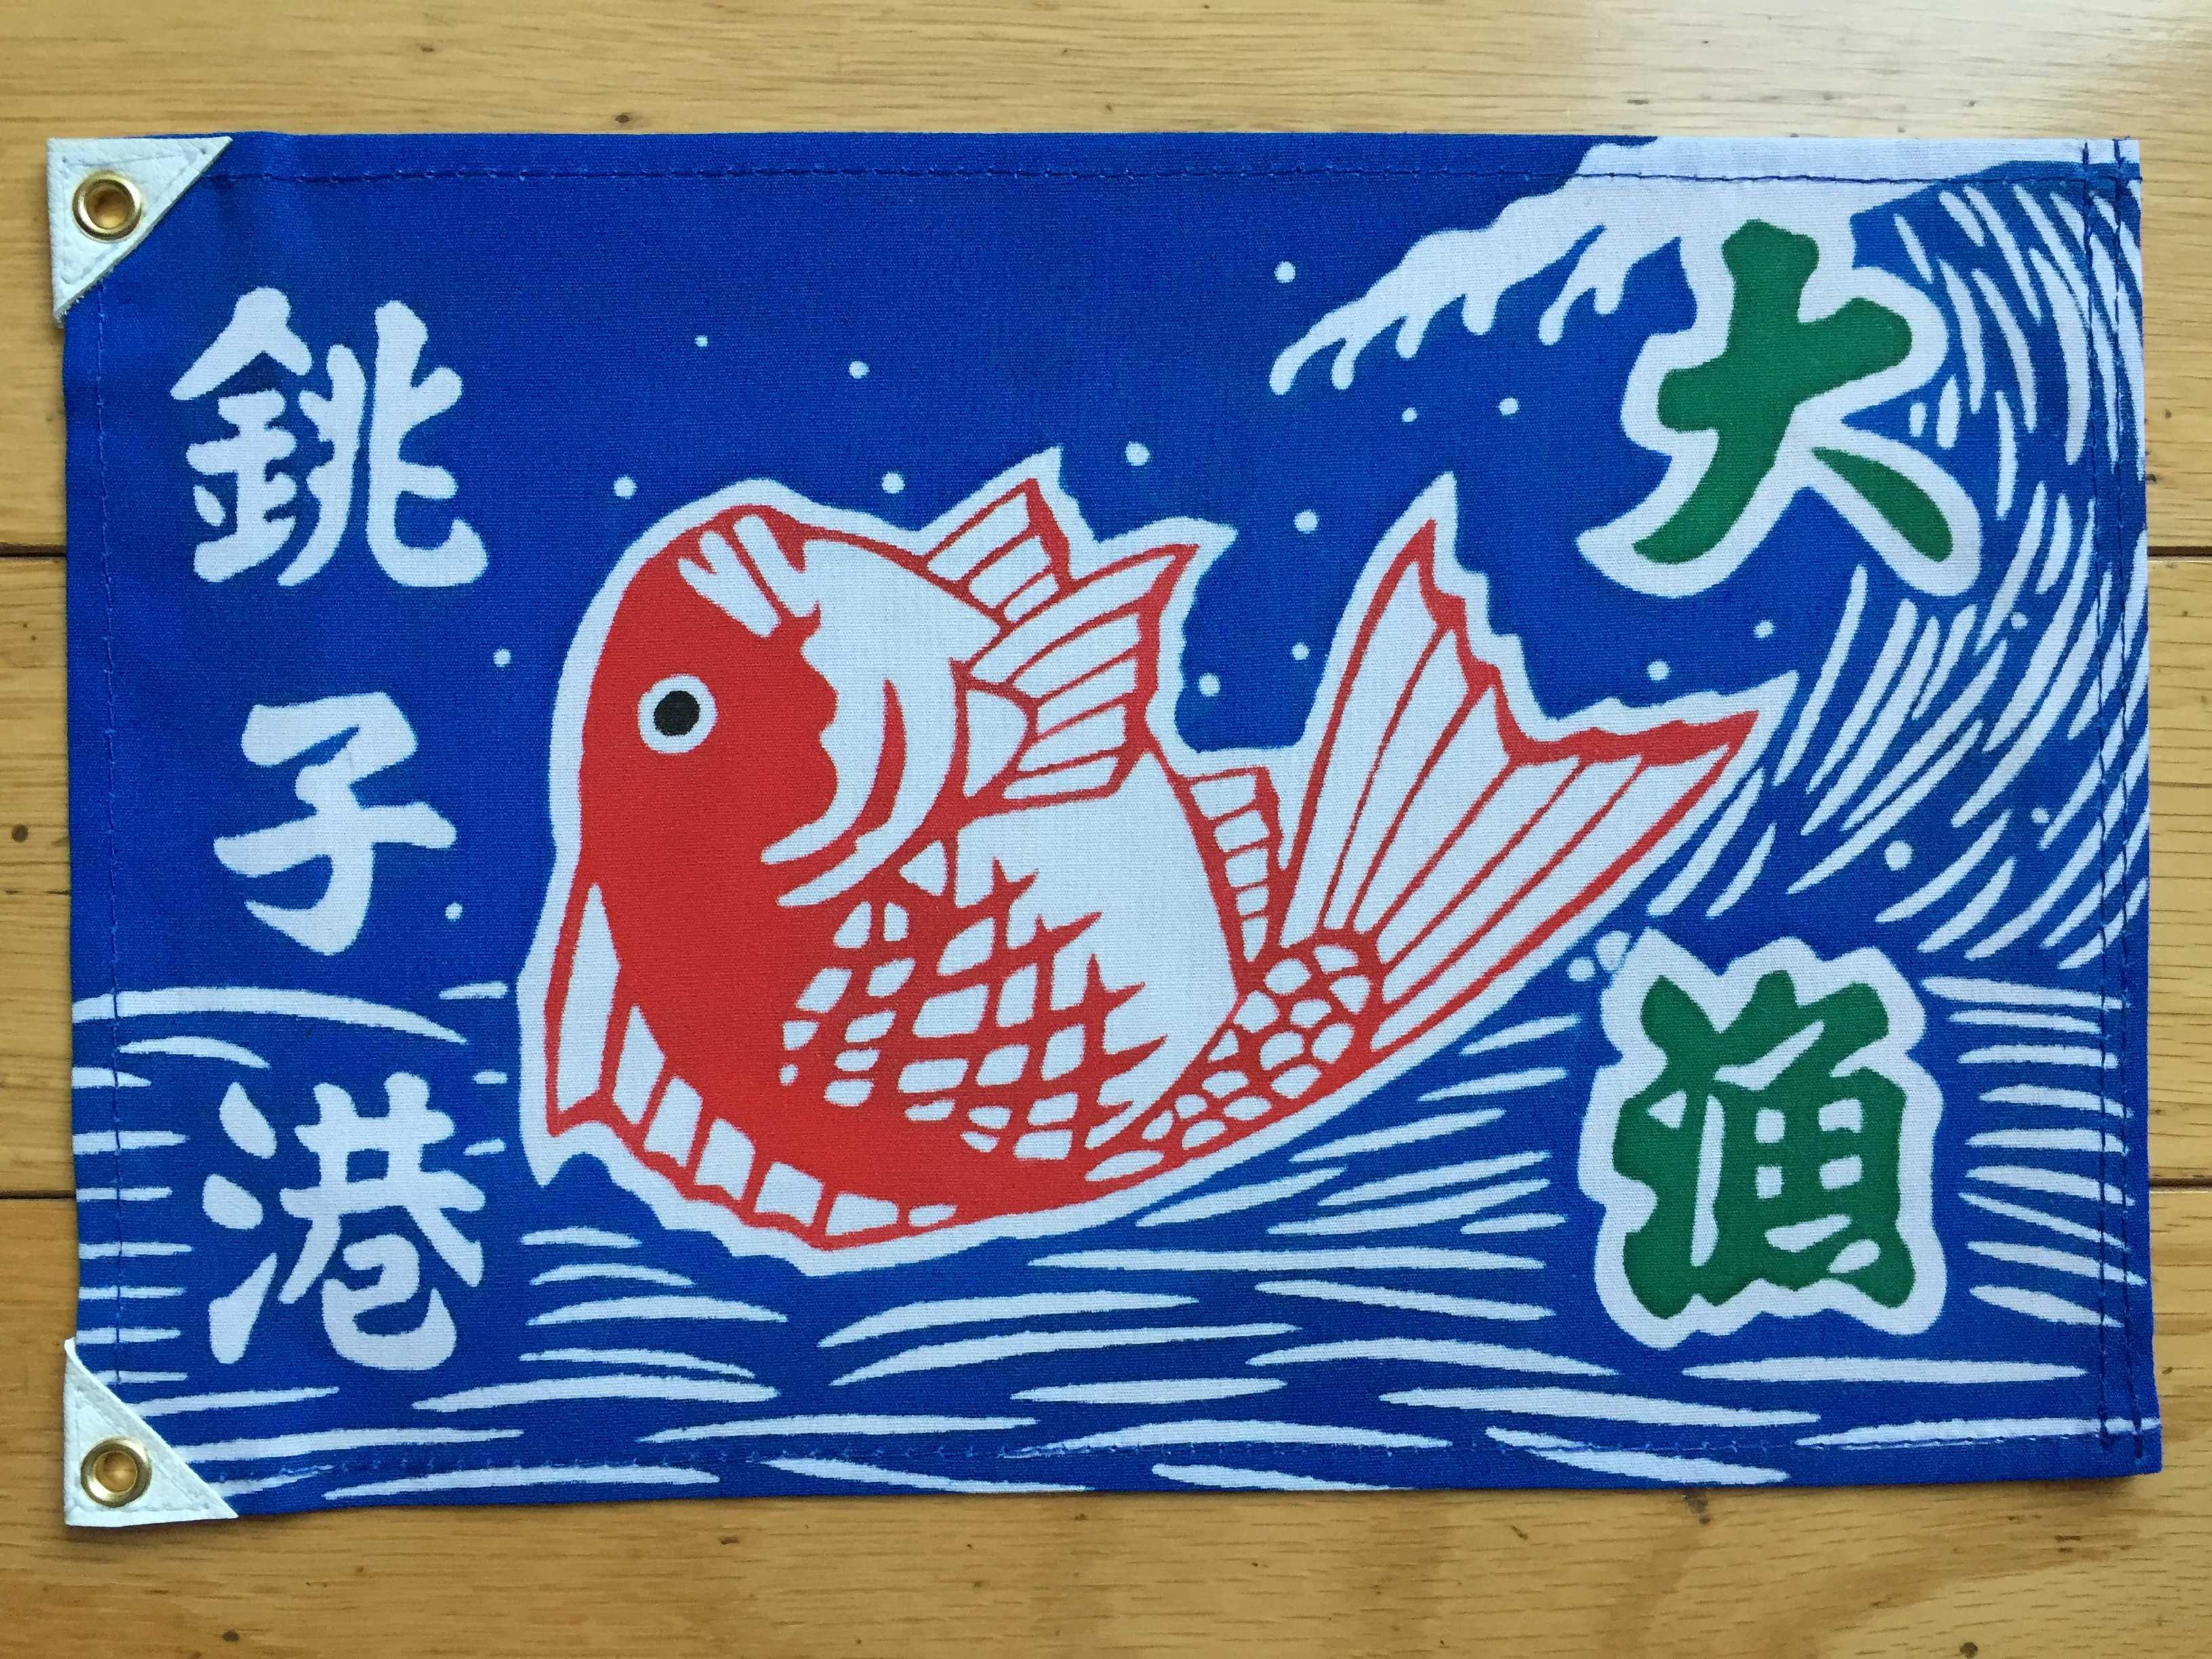 大漁 銚子港と書かれた赤い鯛の大漁旗